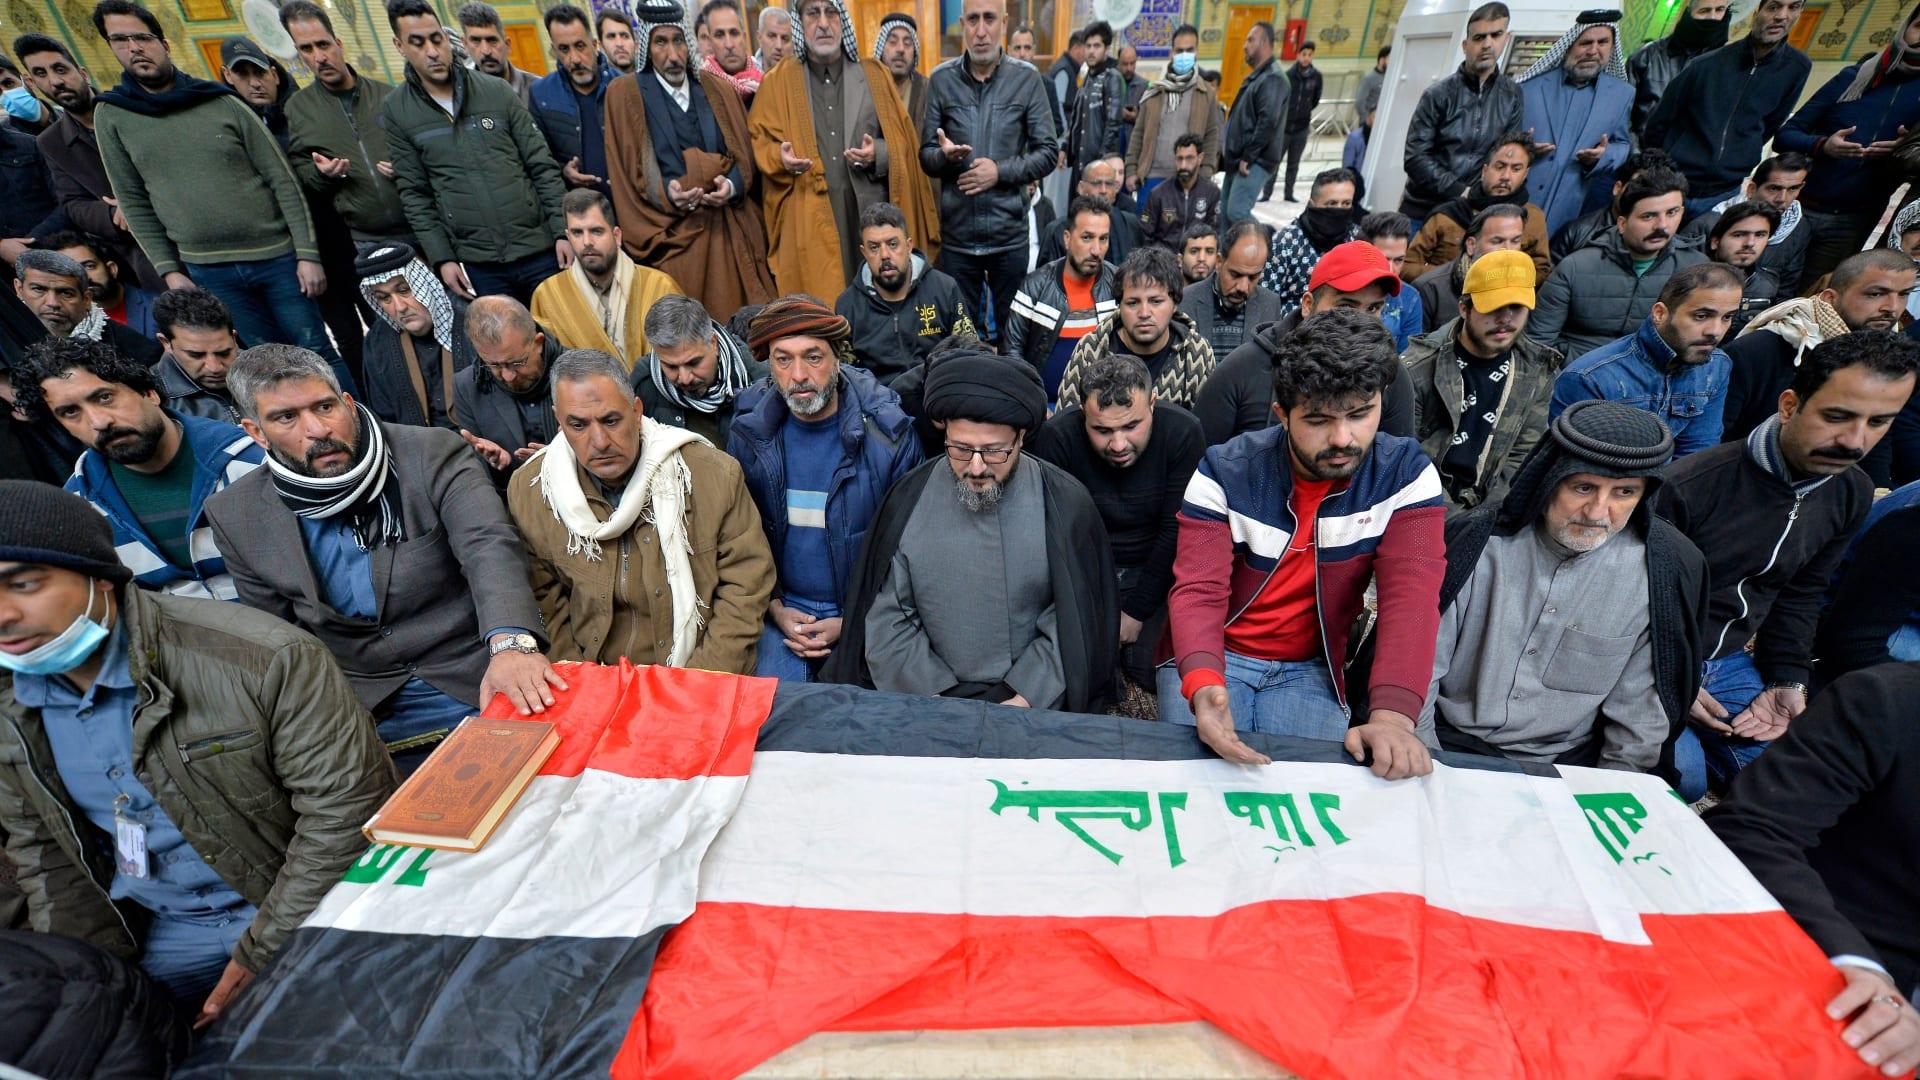 """رئيس الوزراء العراقي يعلن سلسلة إقالات و""""تغييرات أمنية كبرى"""" بعد تفجيري بغداد"""